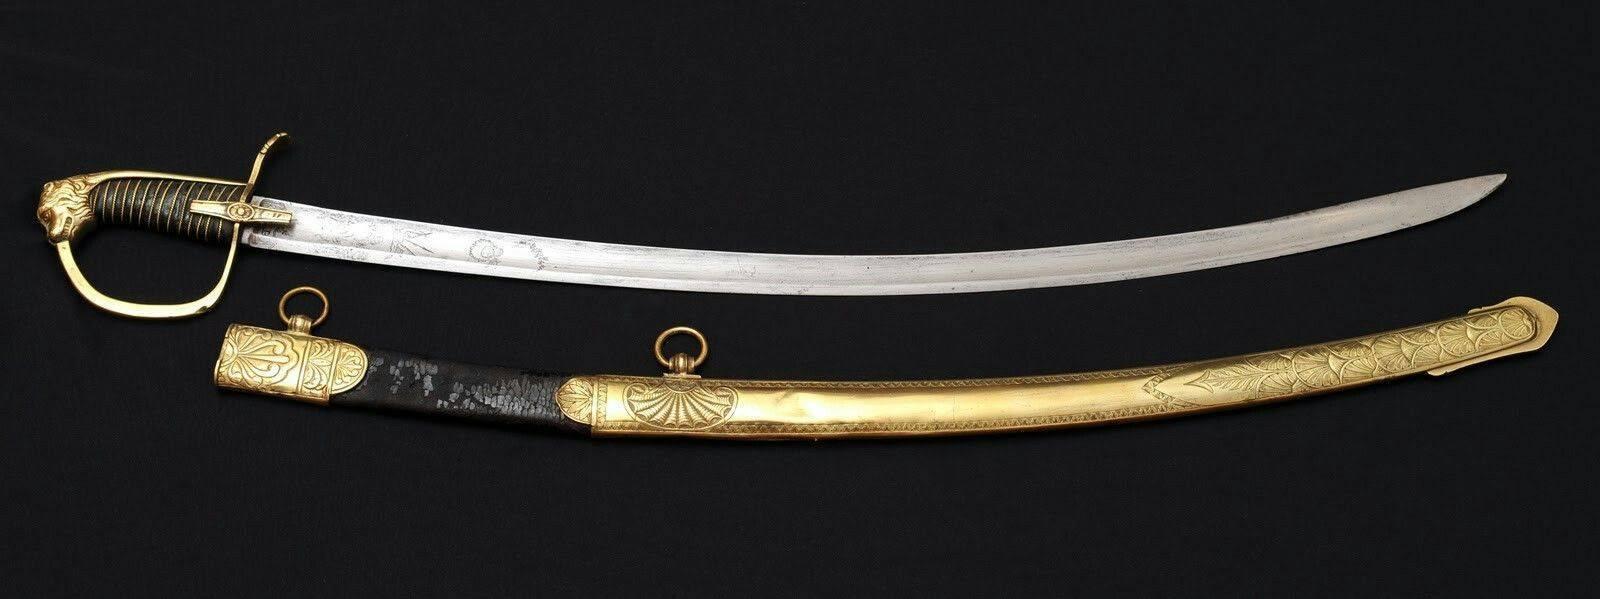 Сабля: история появления и разнообразие видов. сабля или меч